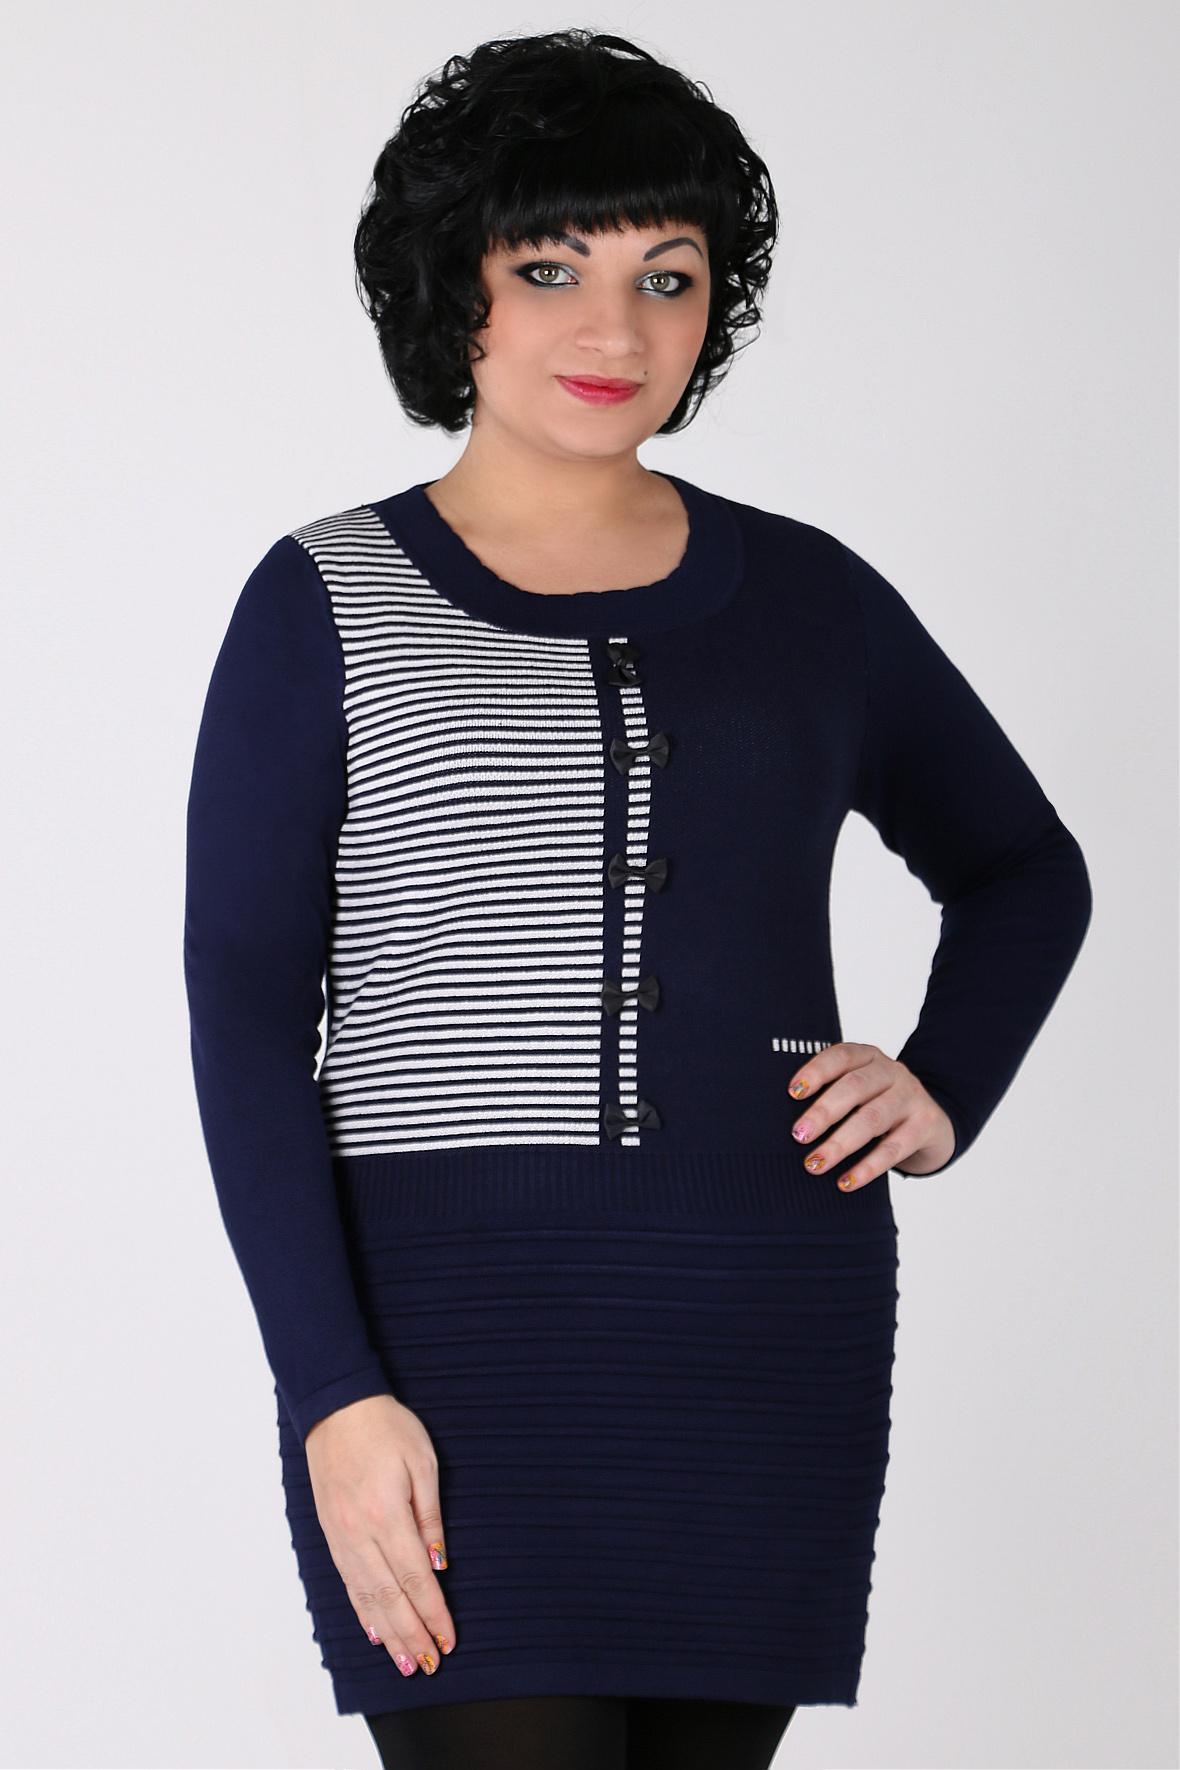 Сбор заказов. Женская одежда для аппетитных форм. Размеры до 70. Без рядов.